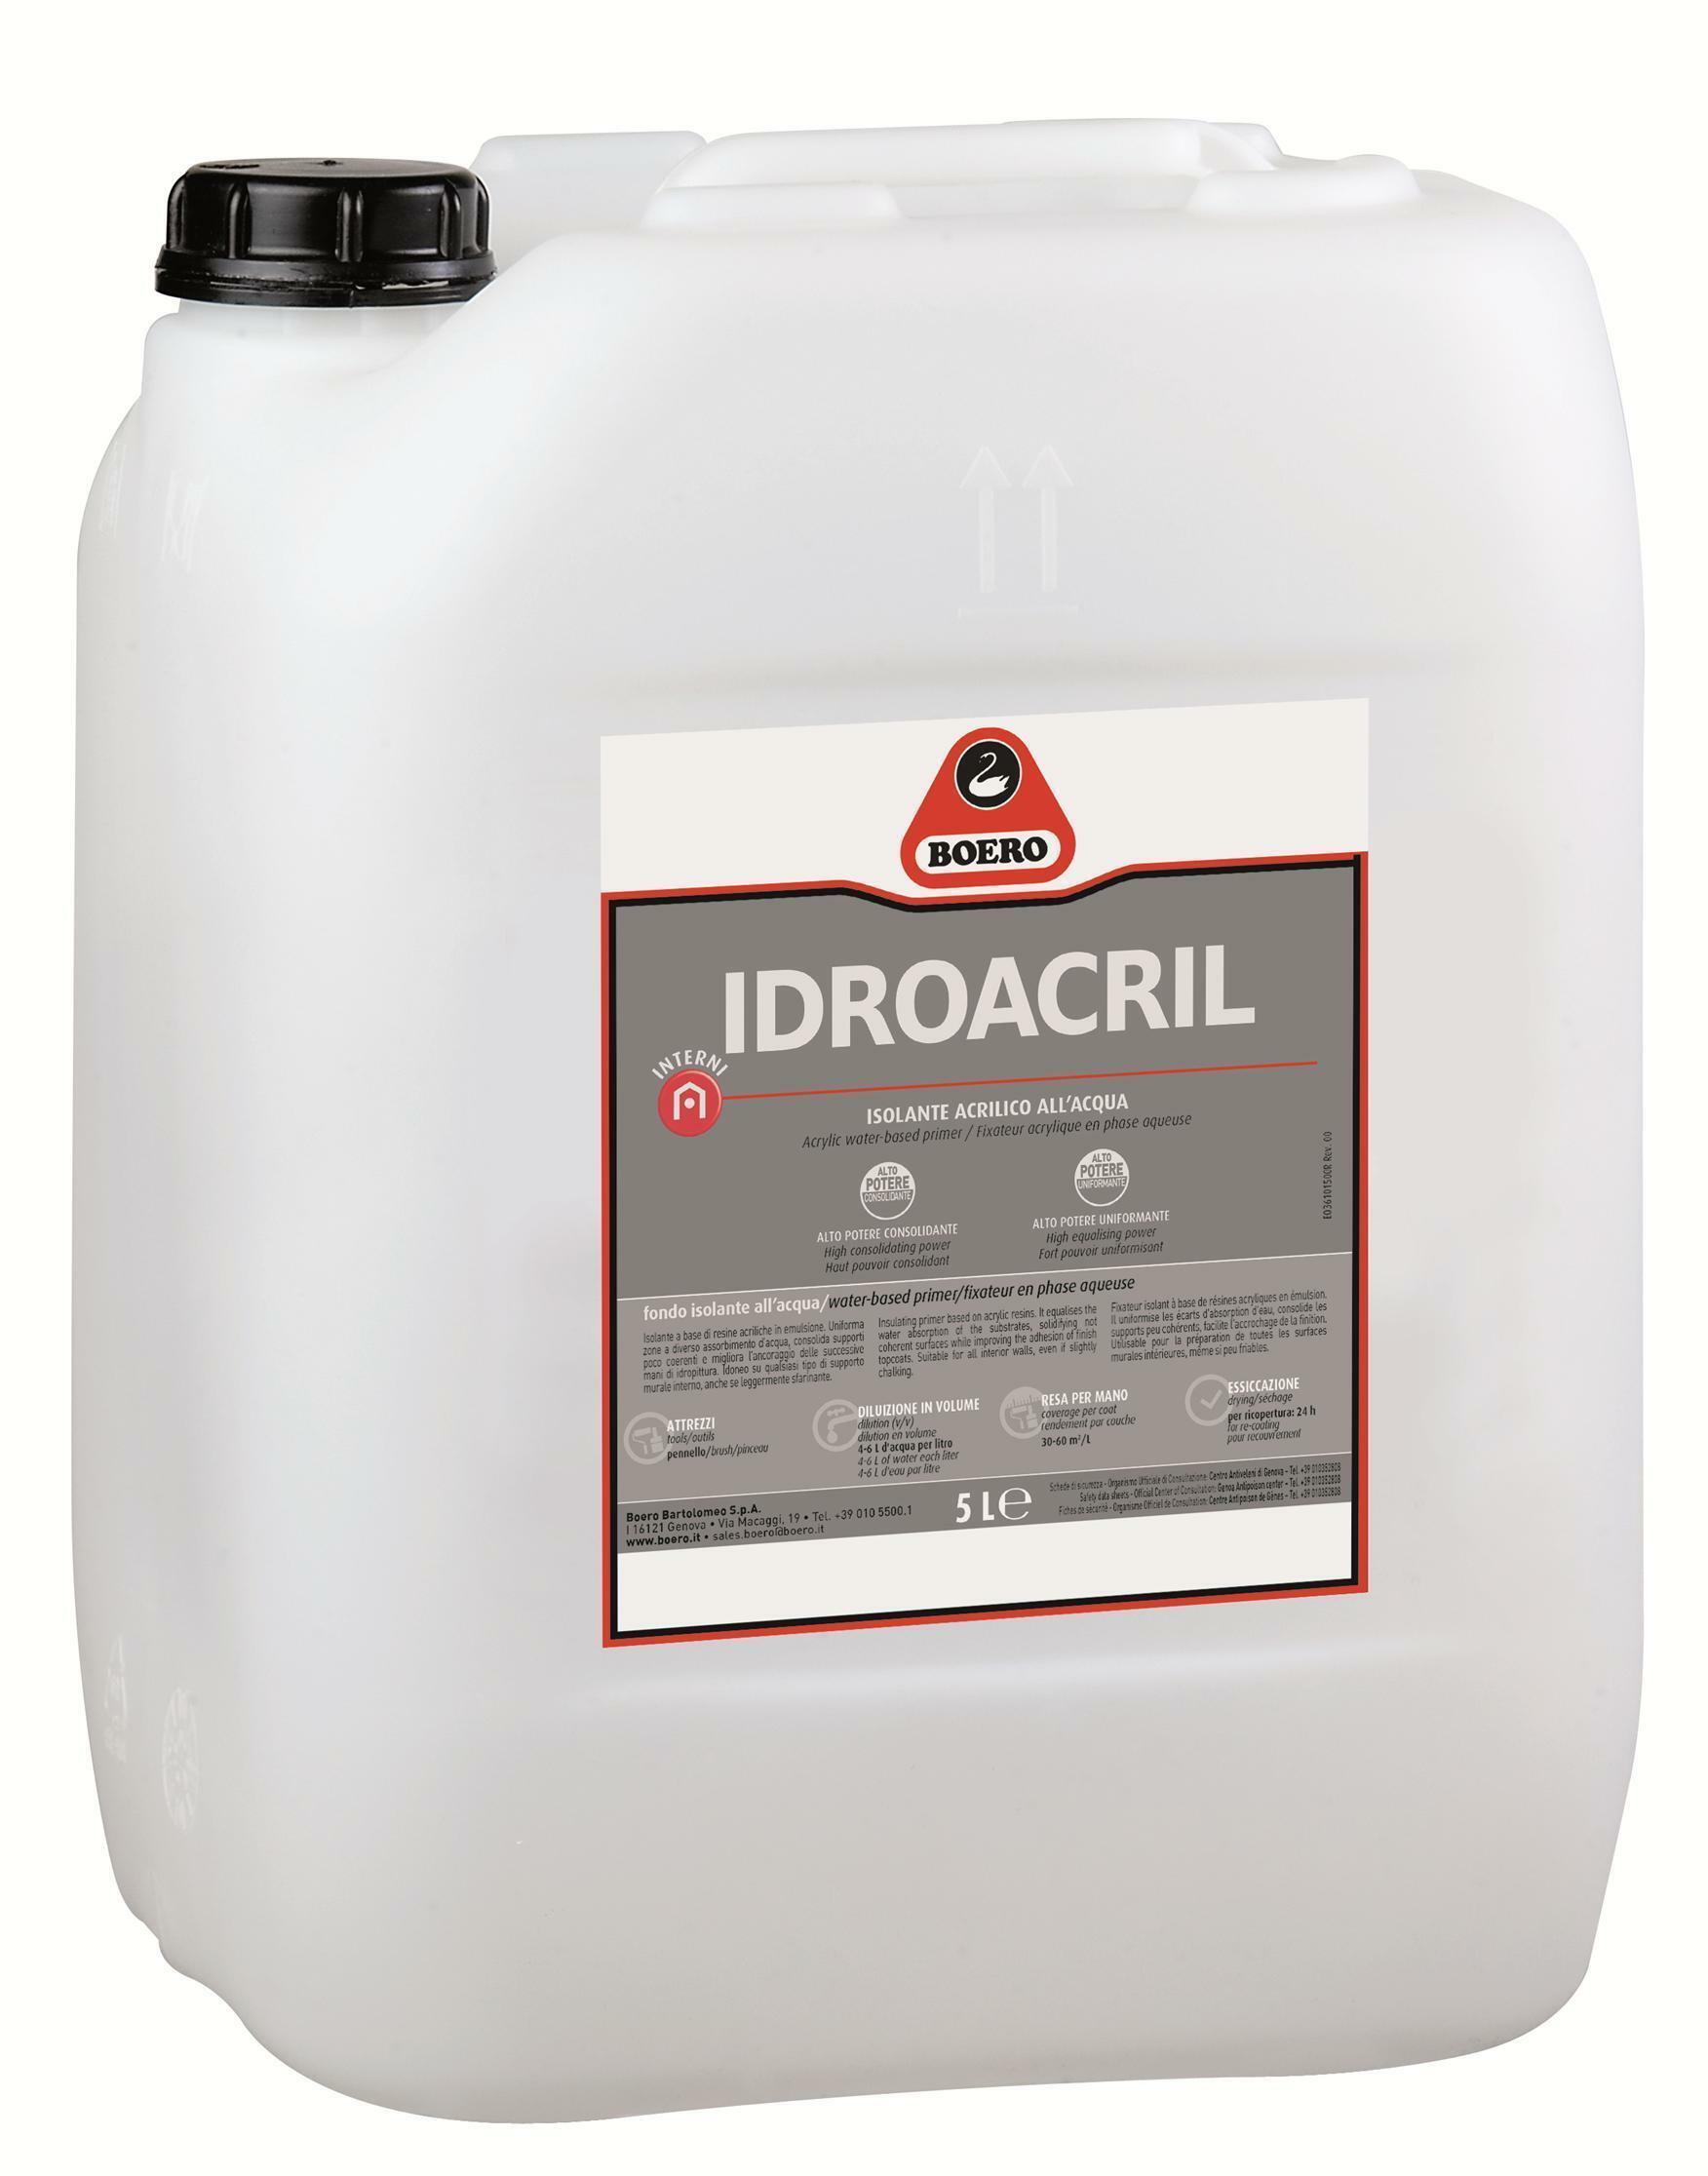 boero boero fondo fissativo idroacril acrilico 5 lt